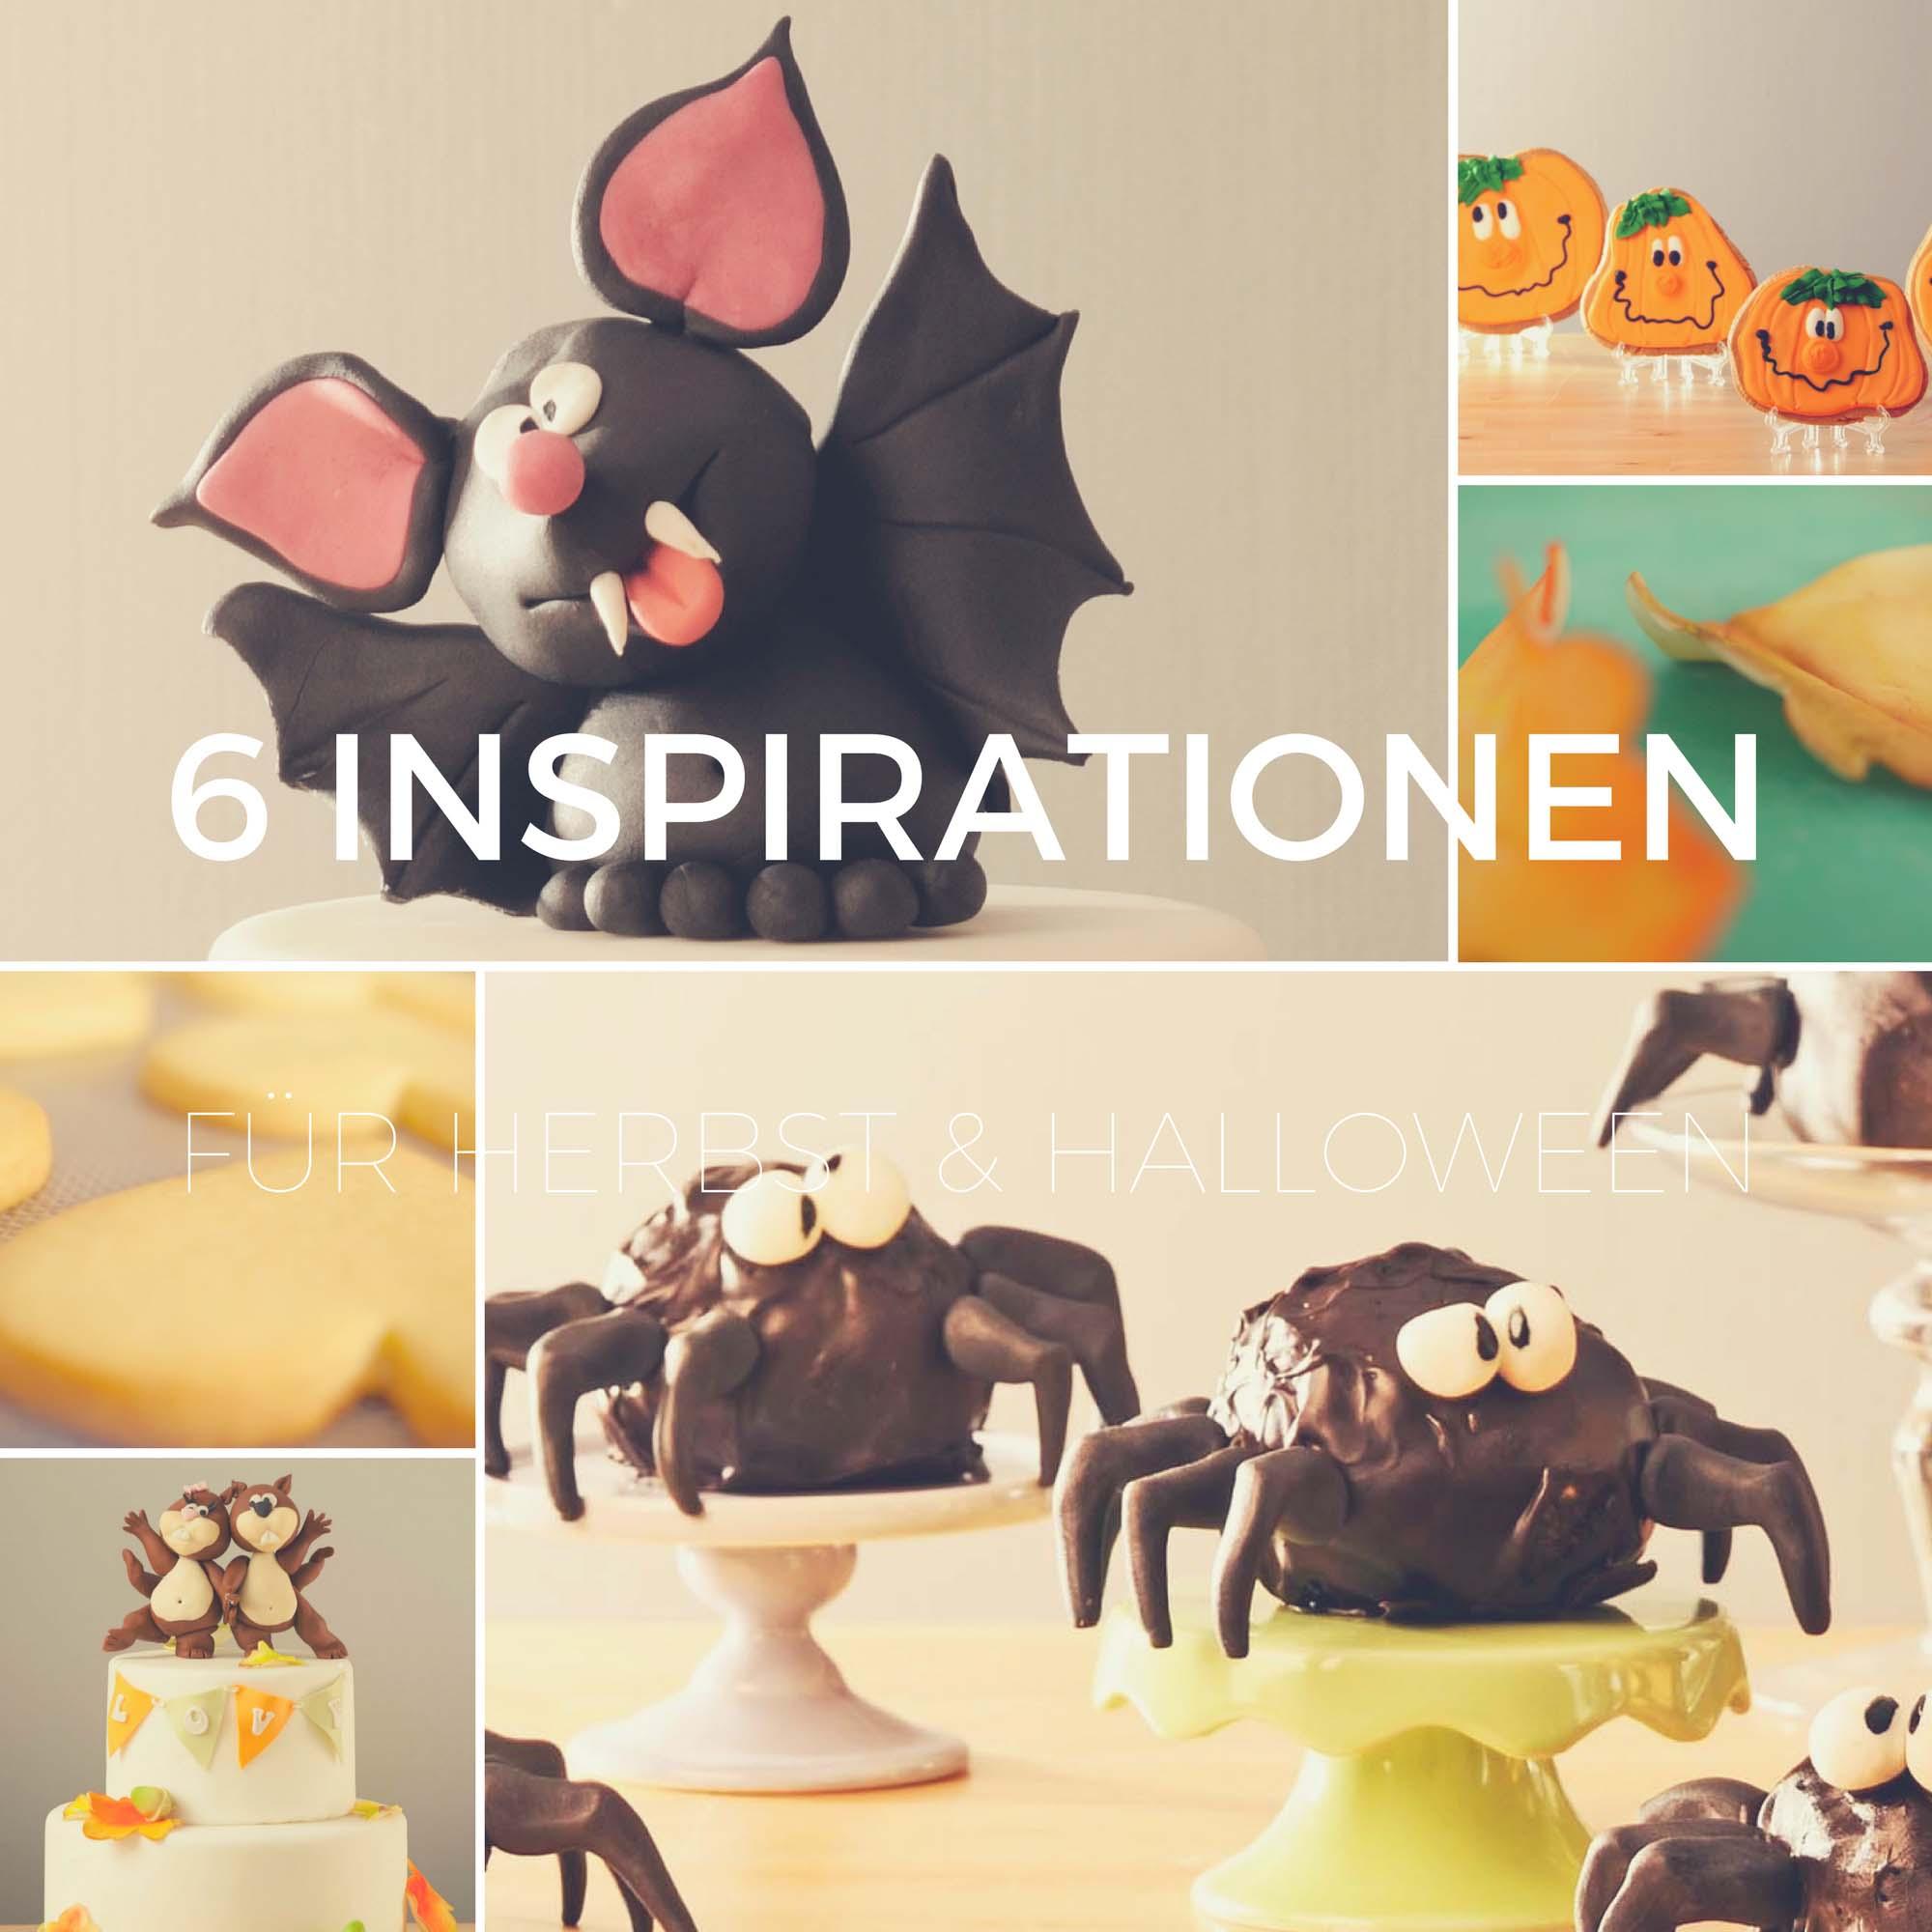 6 Inspirationen für Tortendeko im Herbst und zu Halloween von Bettys Sugar Dreams